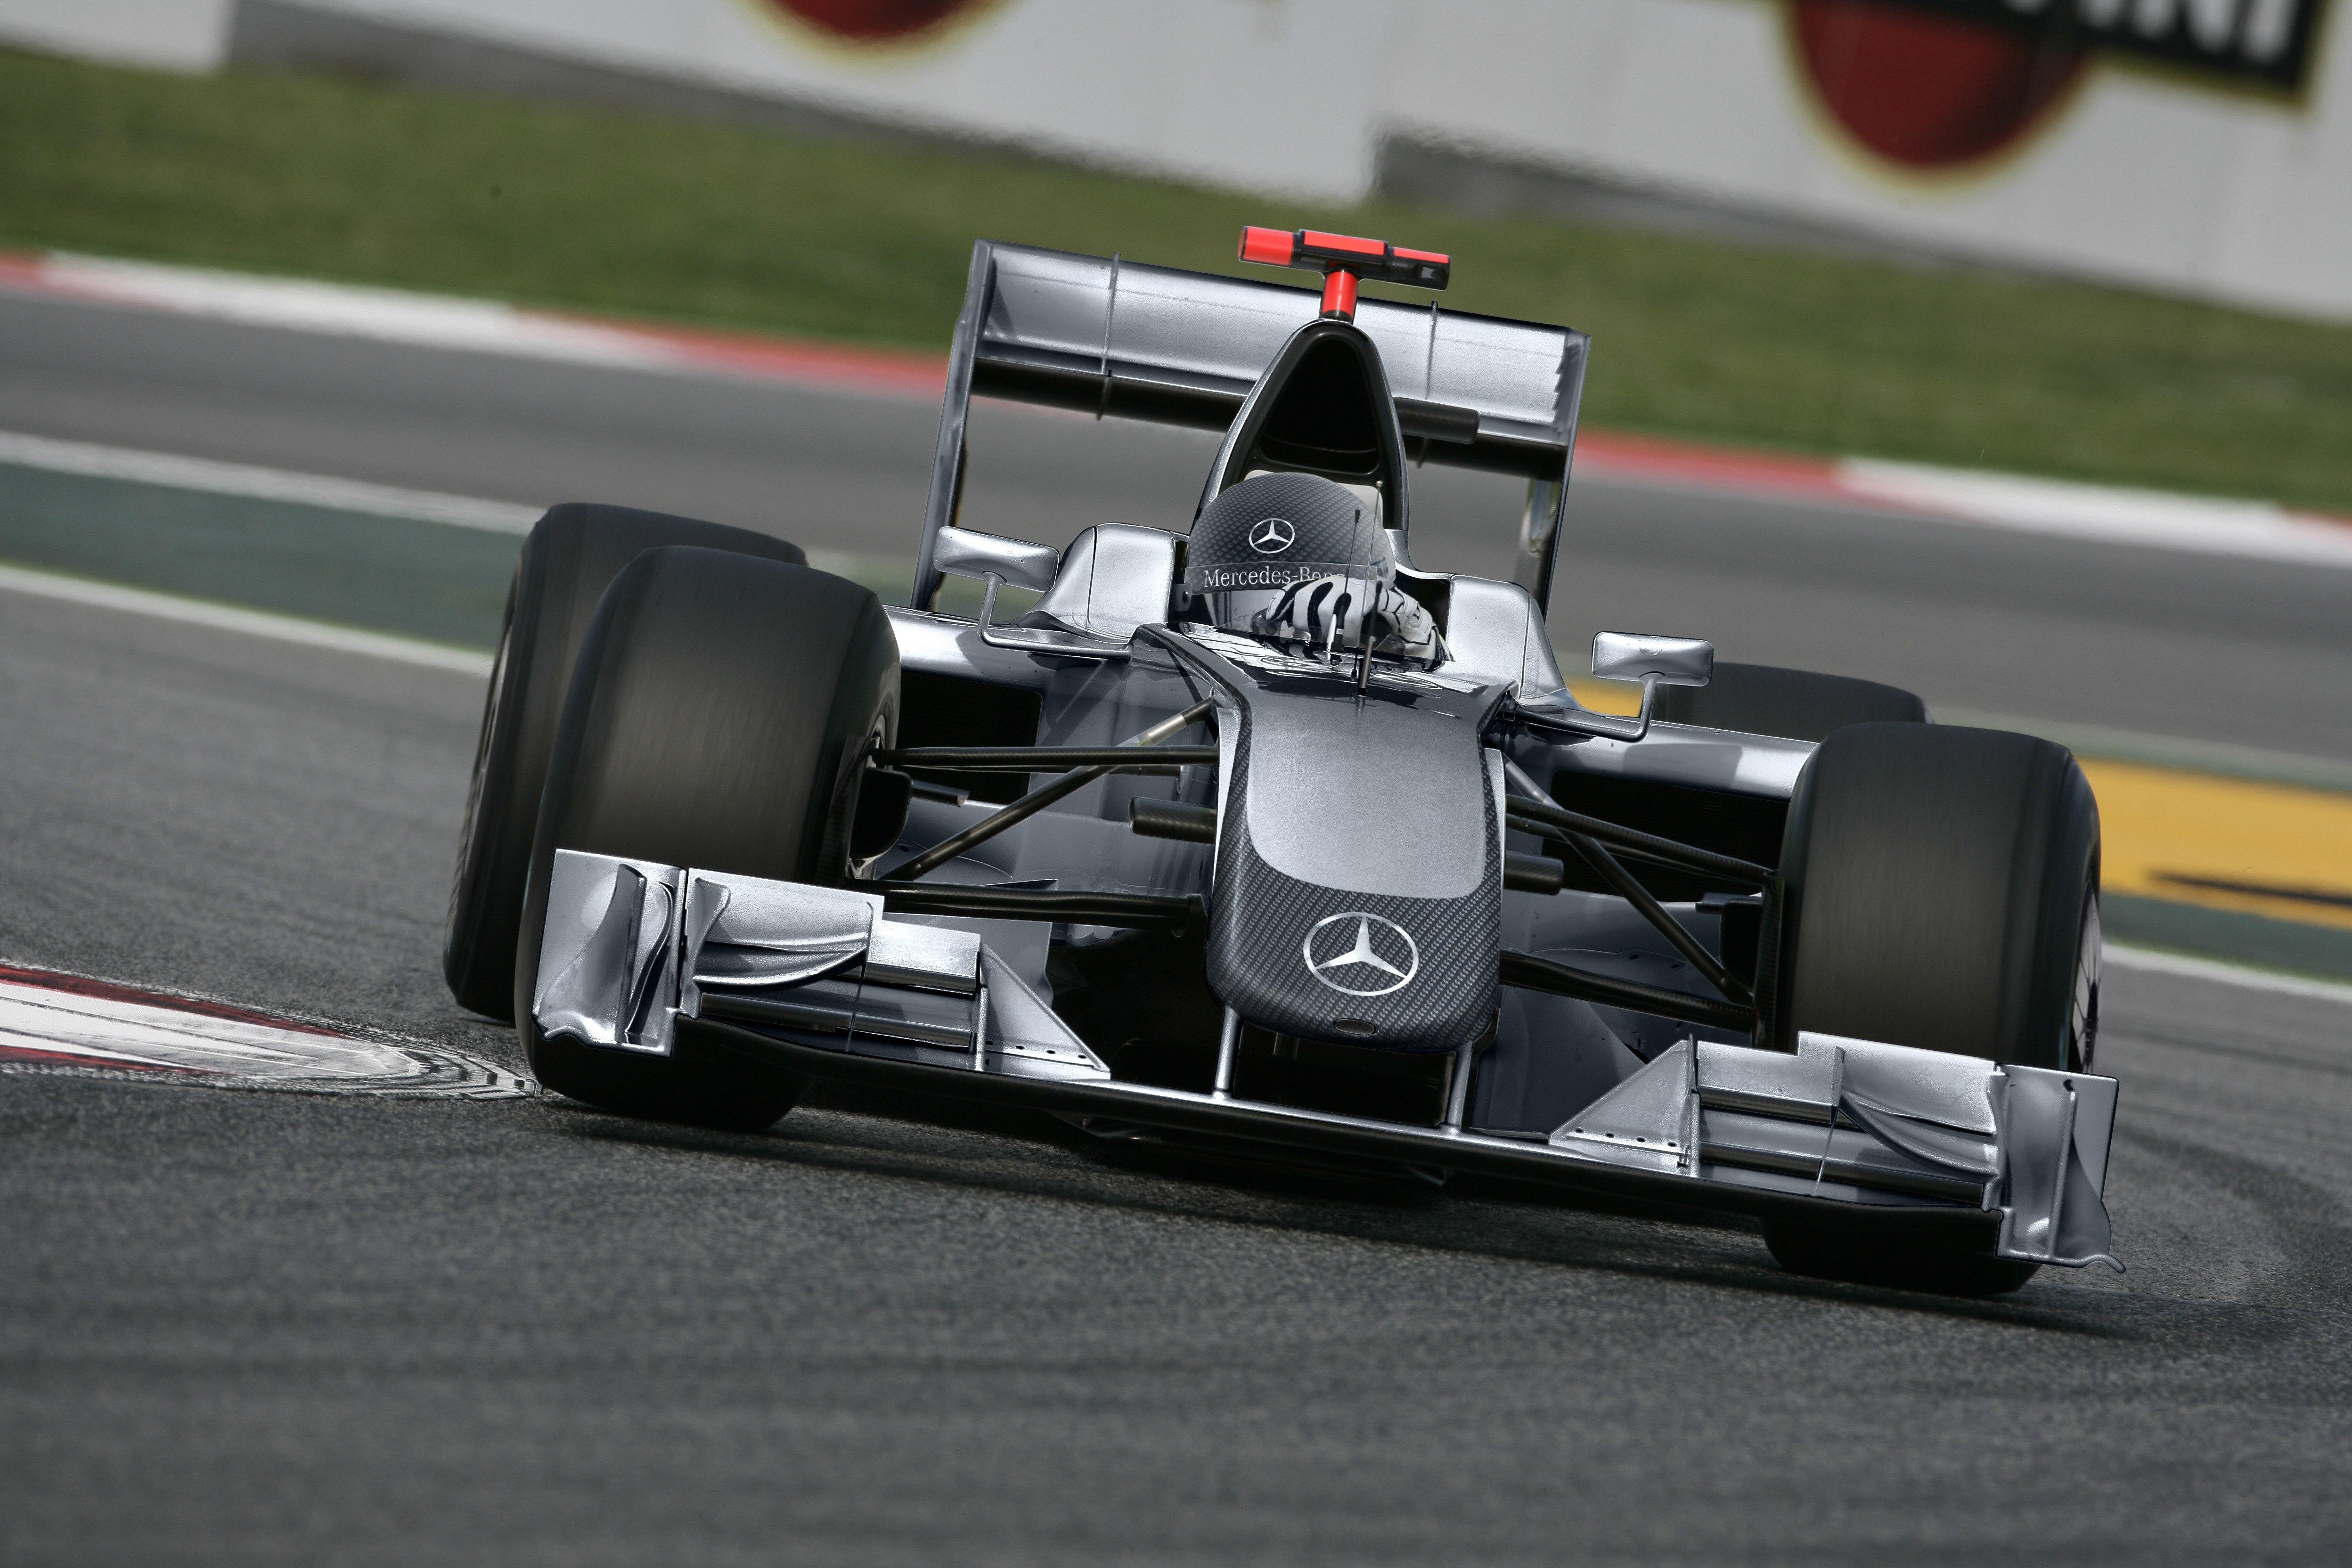 Mercedes GP PETRONAS 2010 Concept Livery.